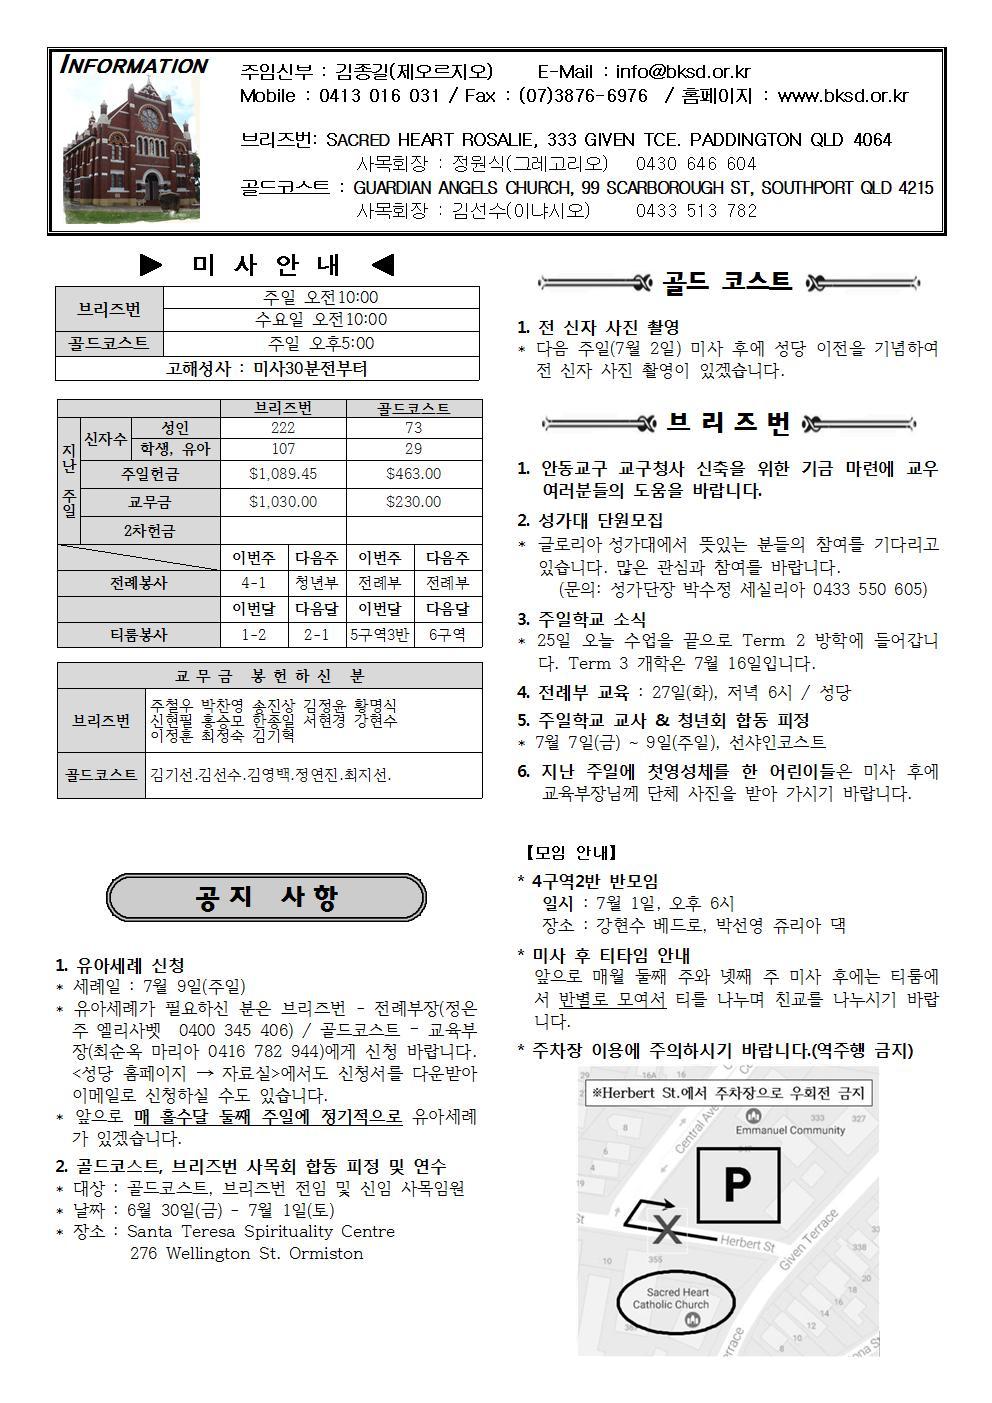 170625 - 민족화합일치004.jpg